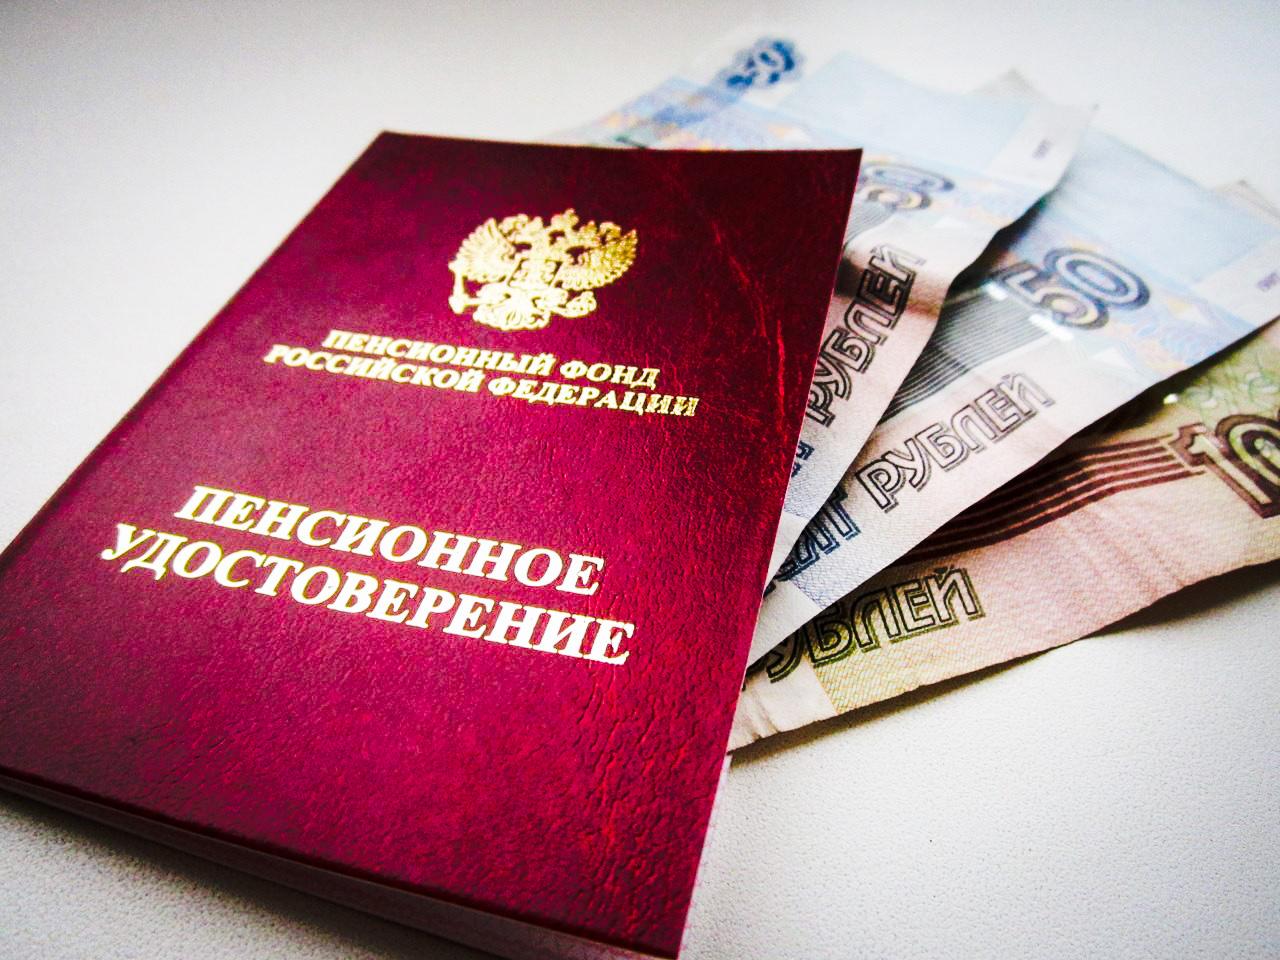 pensiya po gosudarstvennomu obespecheniyu - Через год средний размер пенсии в России увеличится до 15,4 тысяч рубле, а к 2024 году до 20 тысяч